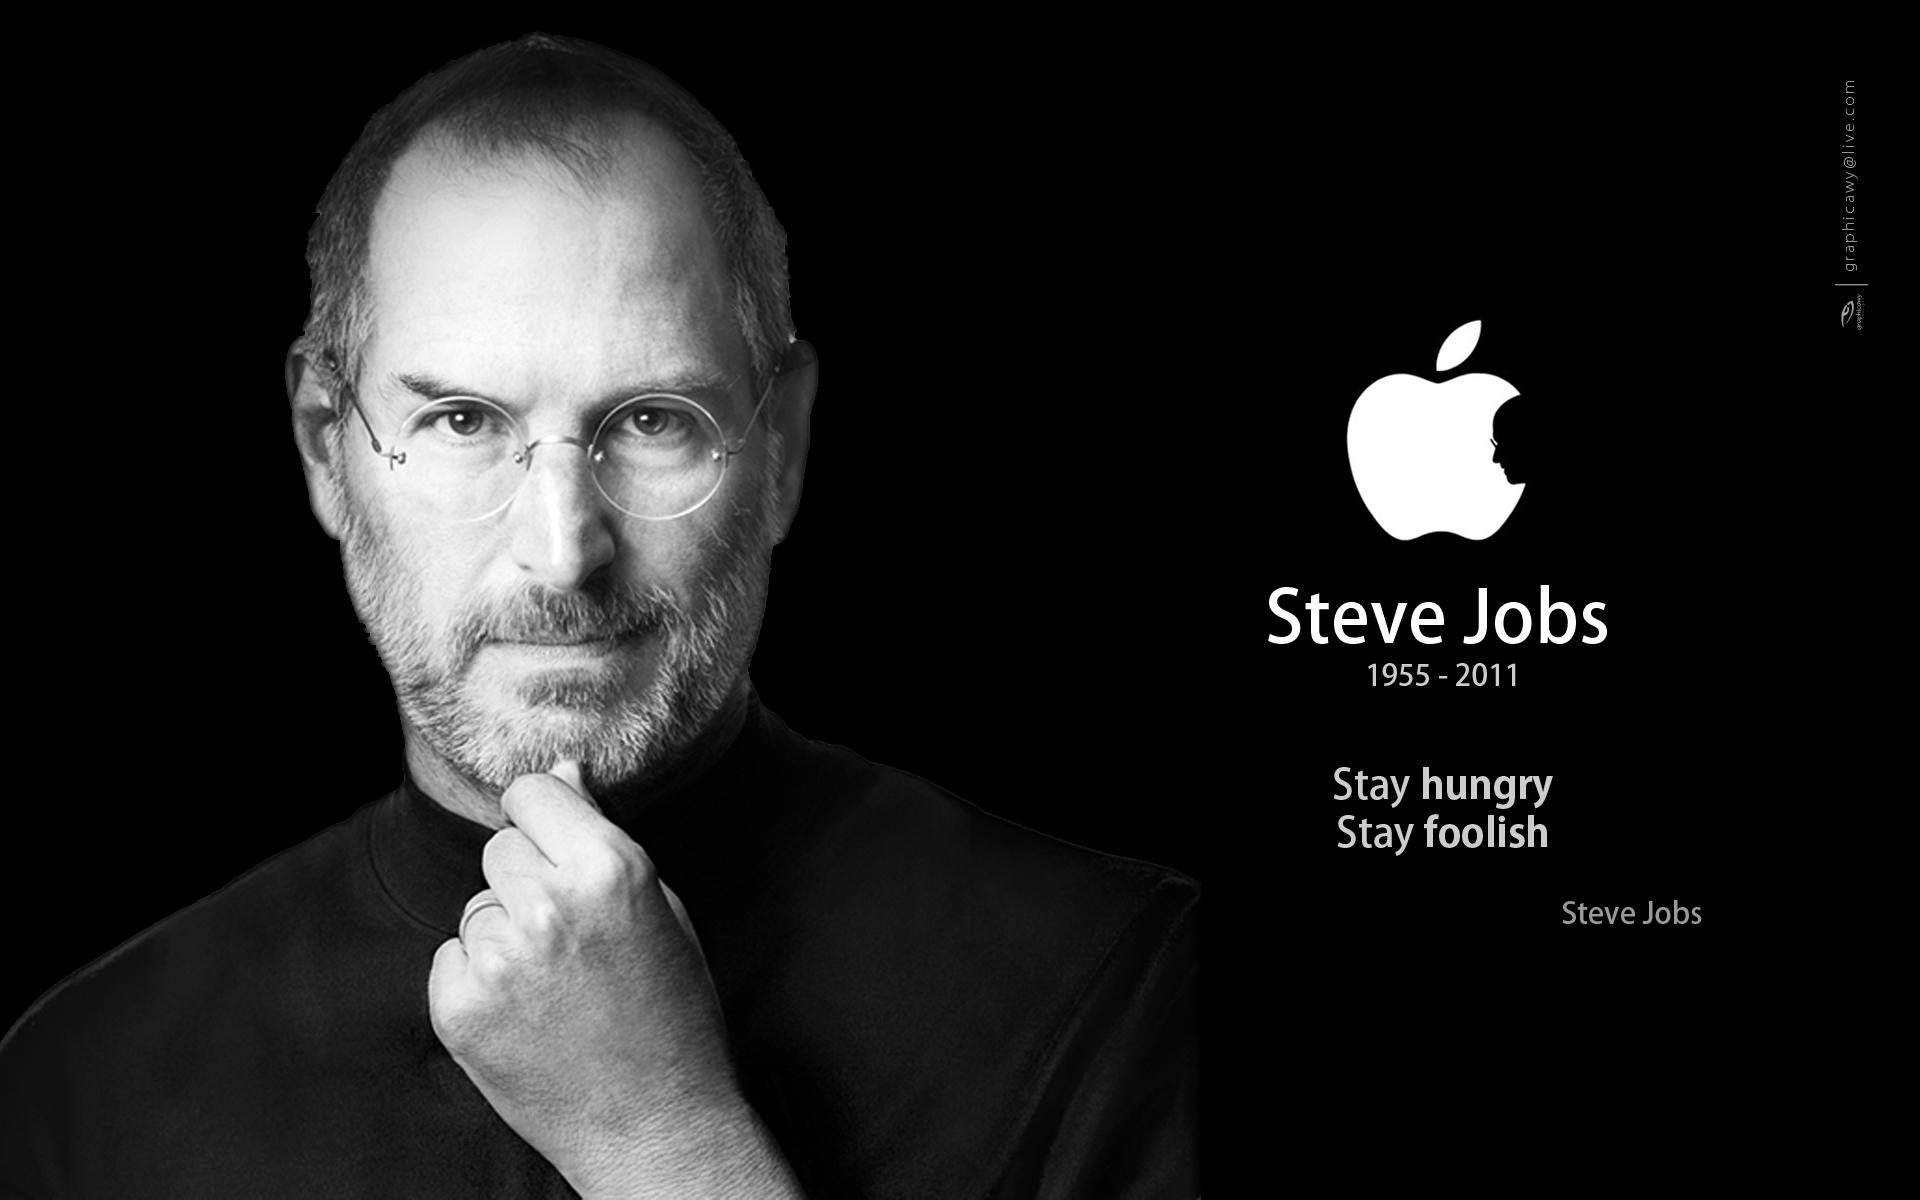 Bij Steve Jobs is de realiteit mooier dan de legende - steve-jobs-31